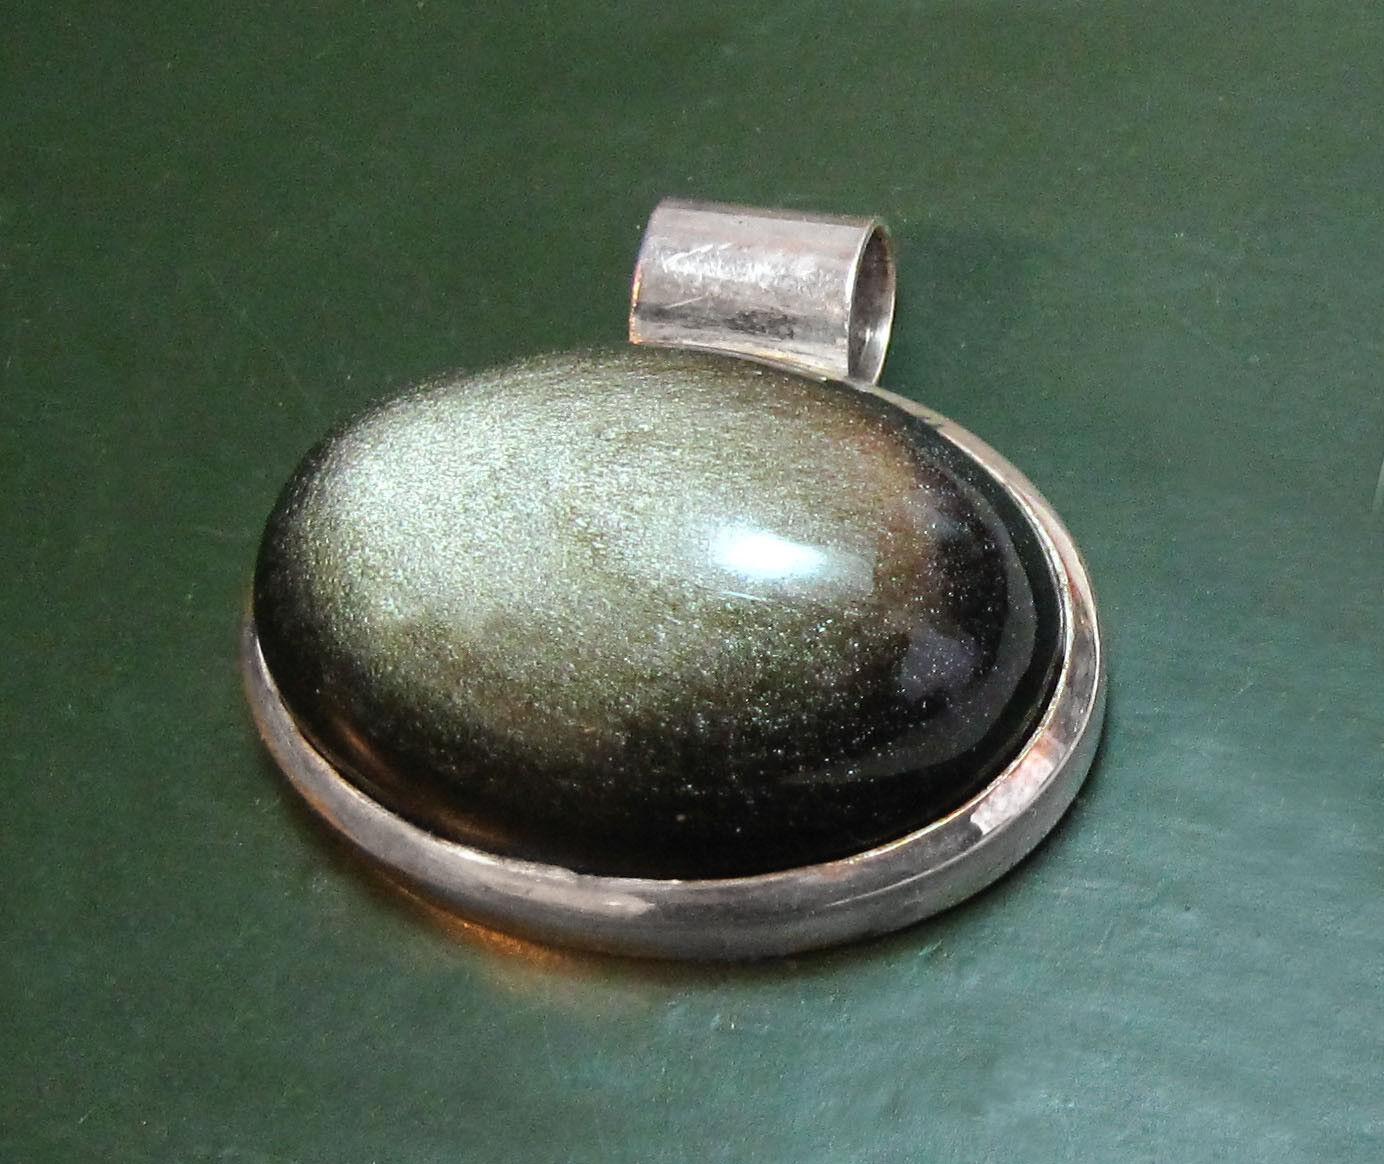 Gewaltiger 925er silver-ANHÄNGER m. FALKENAUGE • 50,75 g Heilstein